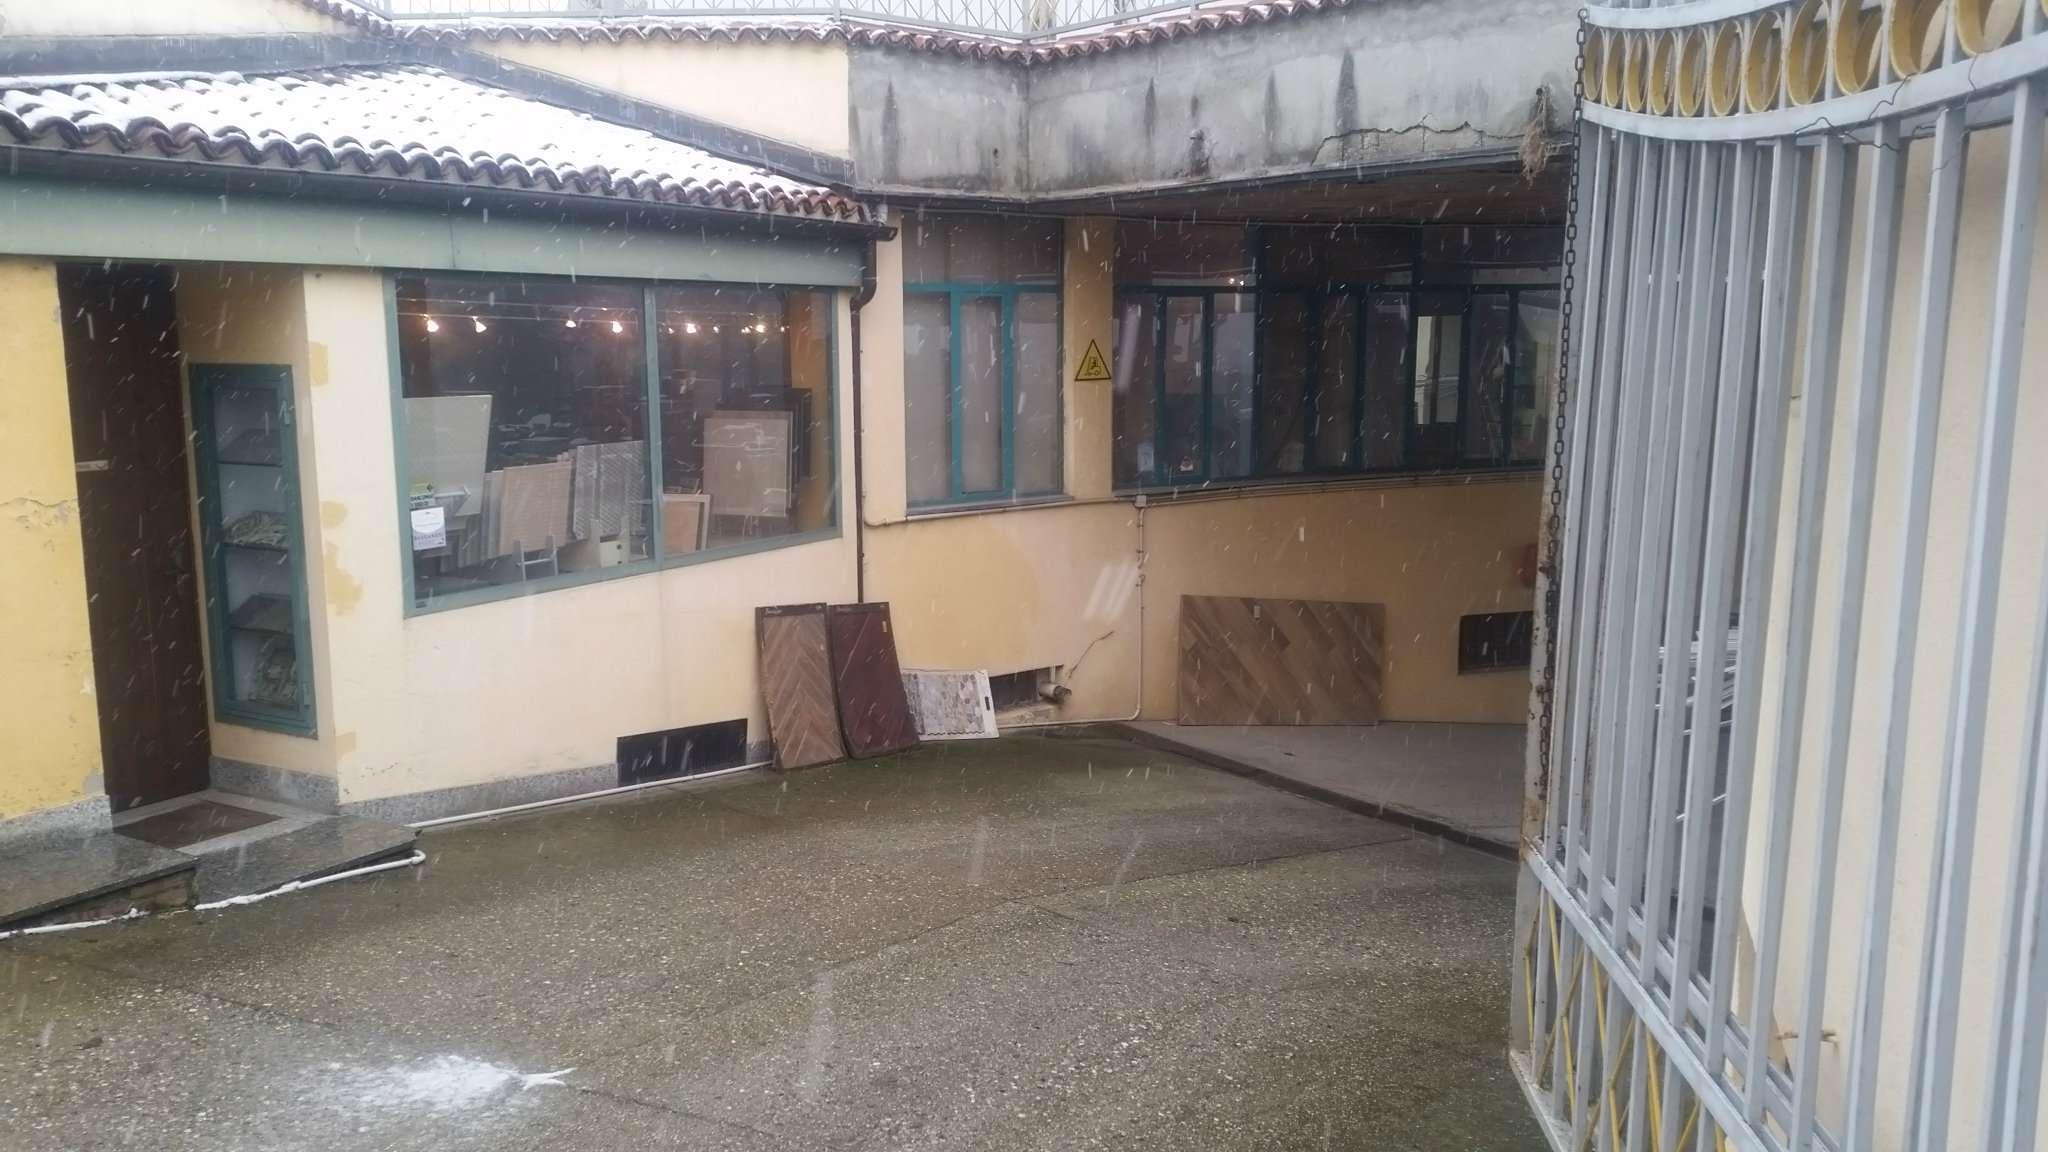 Magazzino in vendita a Pecetto Torinese, 9999 locali, prezzo € 210.000 | CambioCasa.it